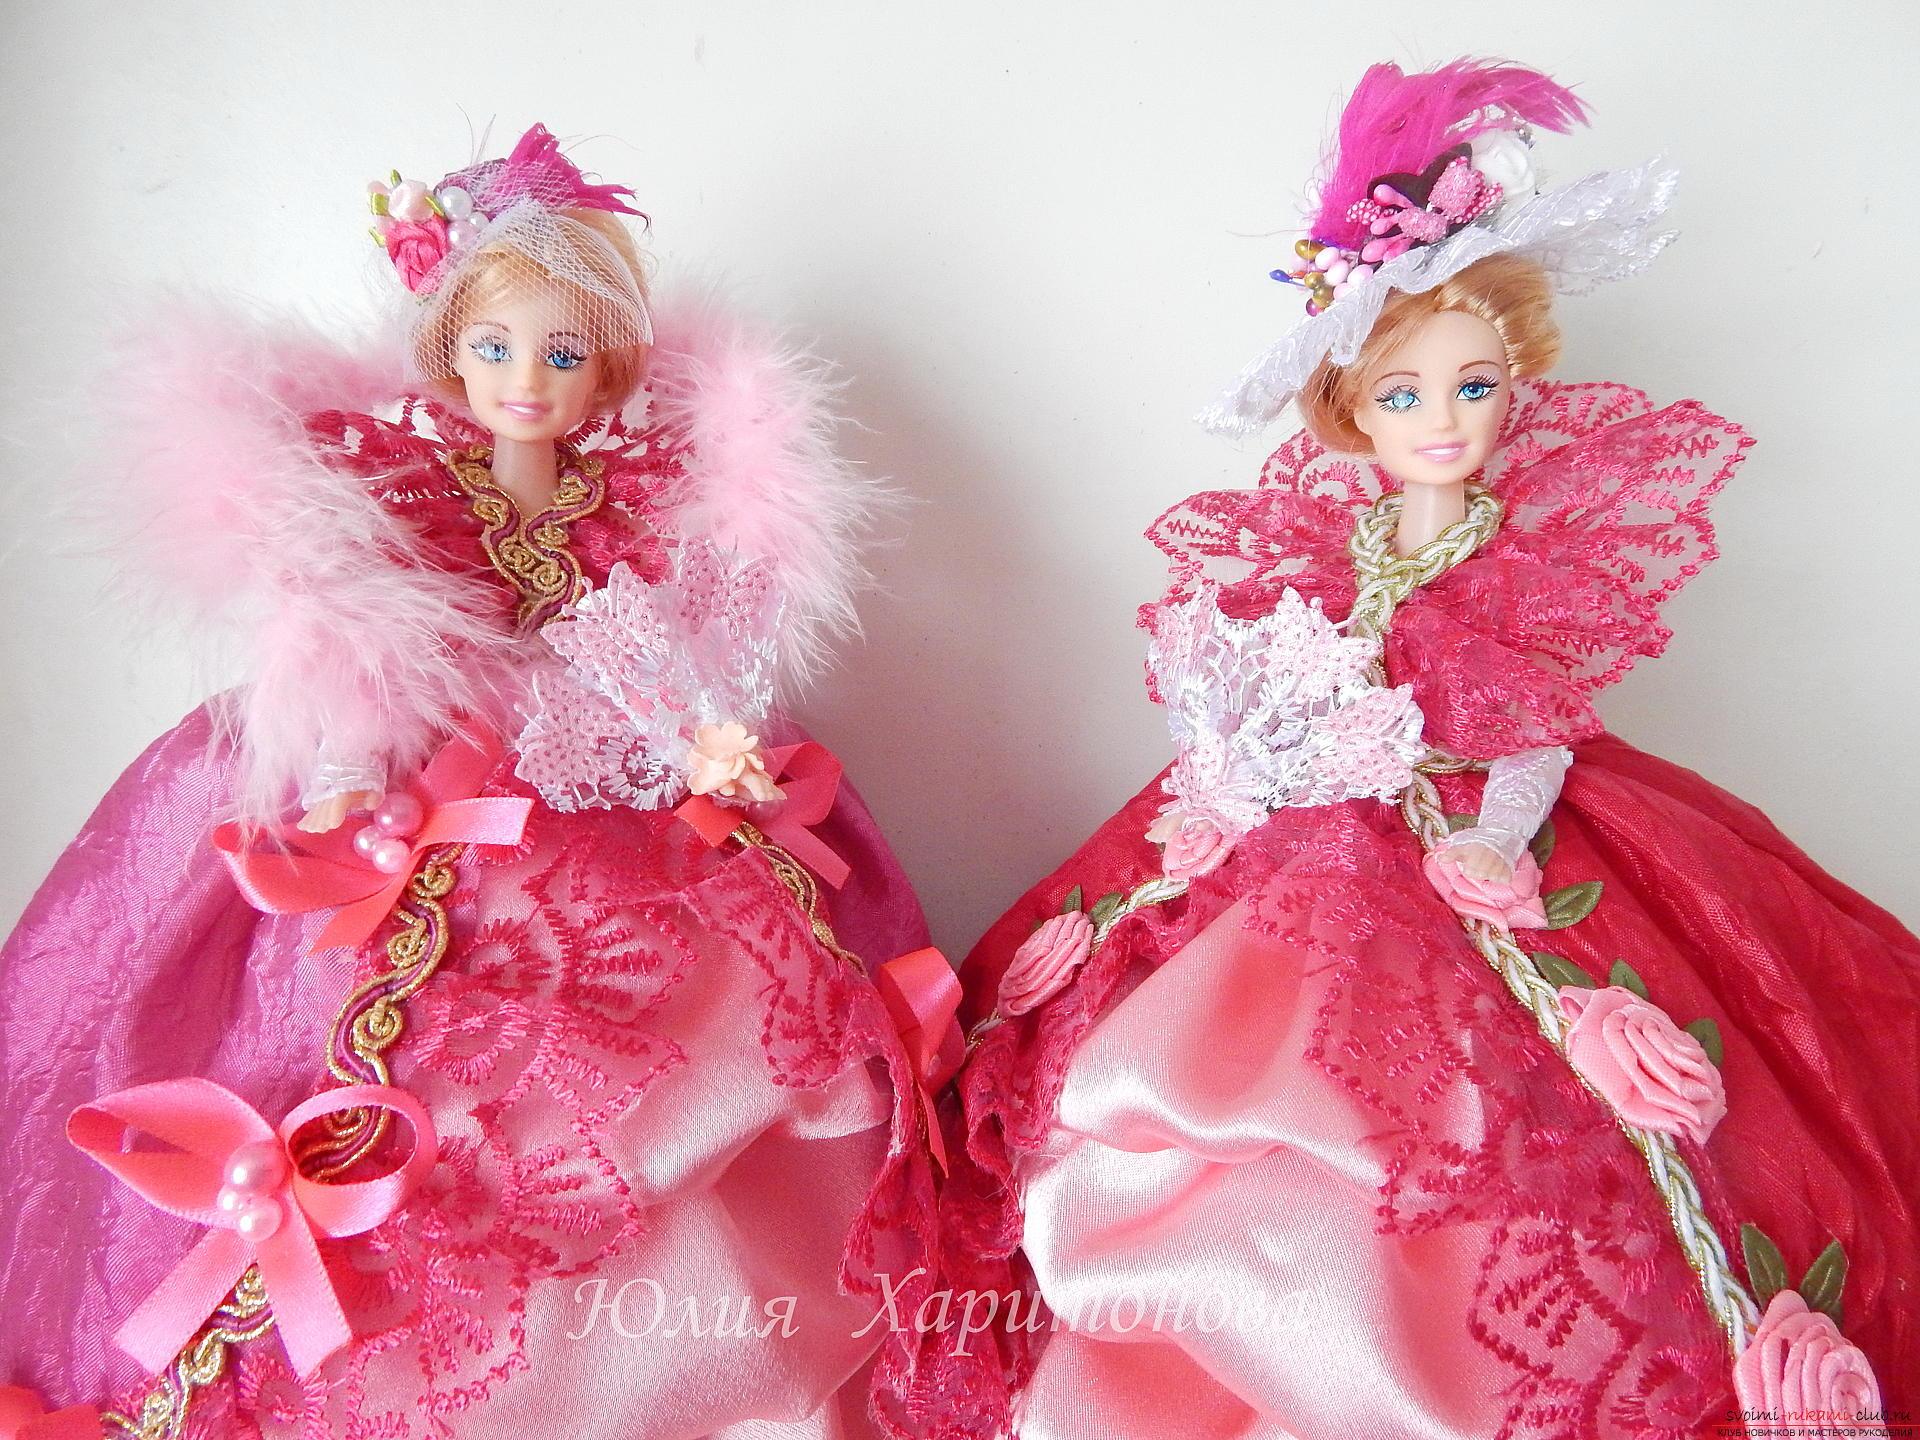 Наряды для кукол своими руками с выкройками